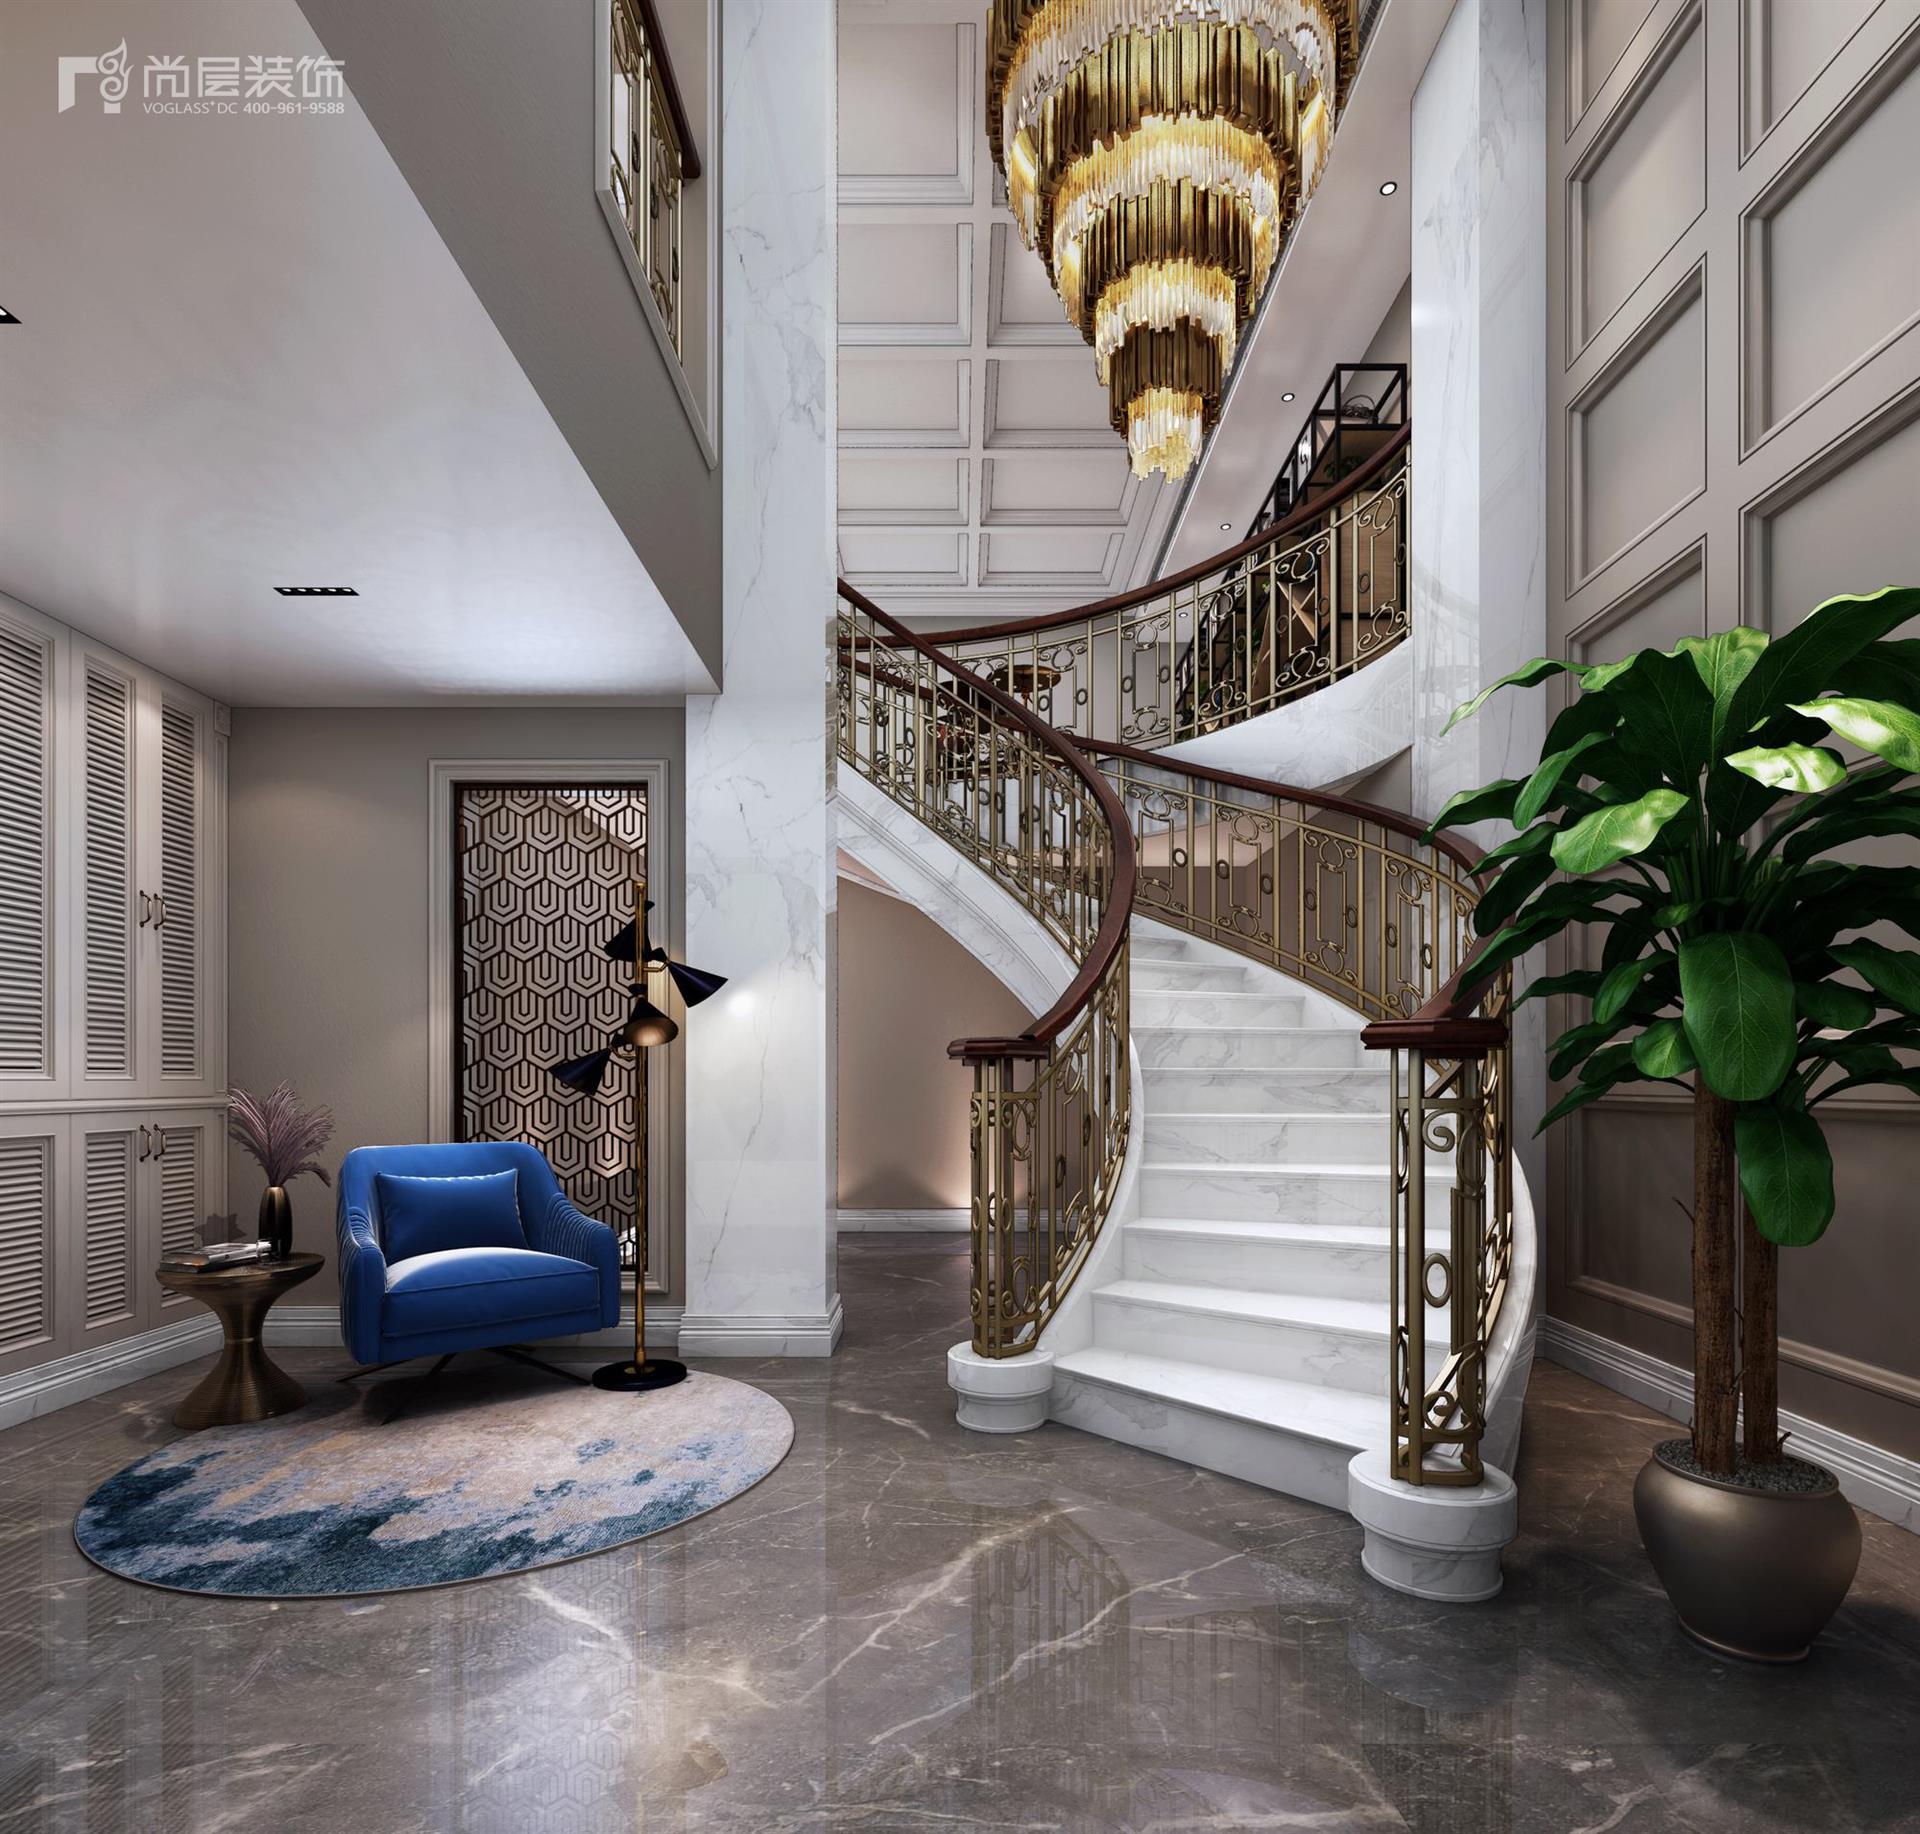 中海紫御豪庭750平米法式轻奢别墅装修设计案例